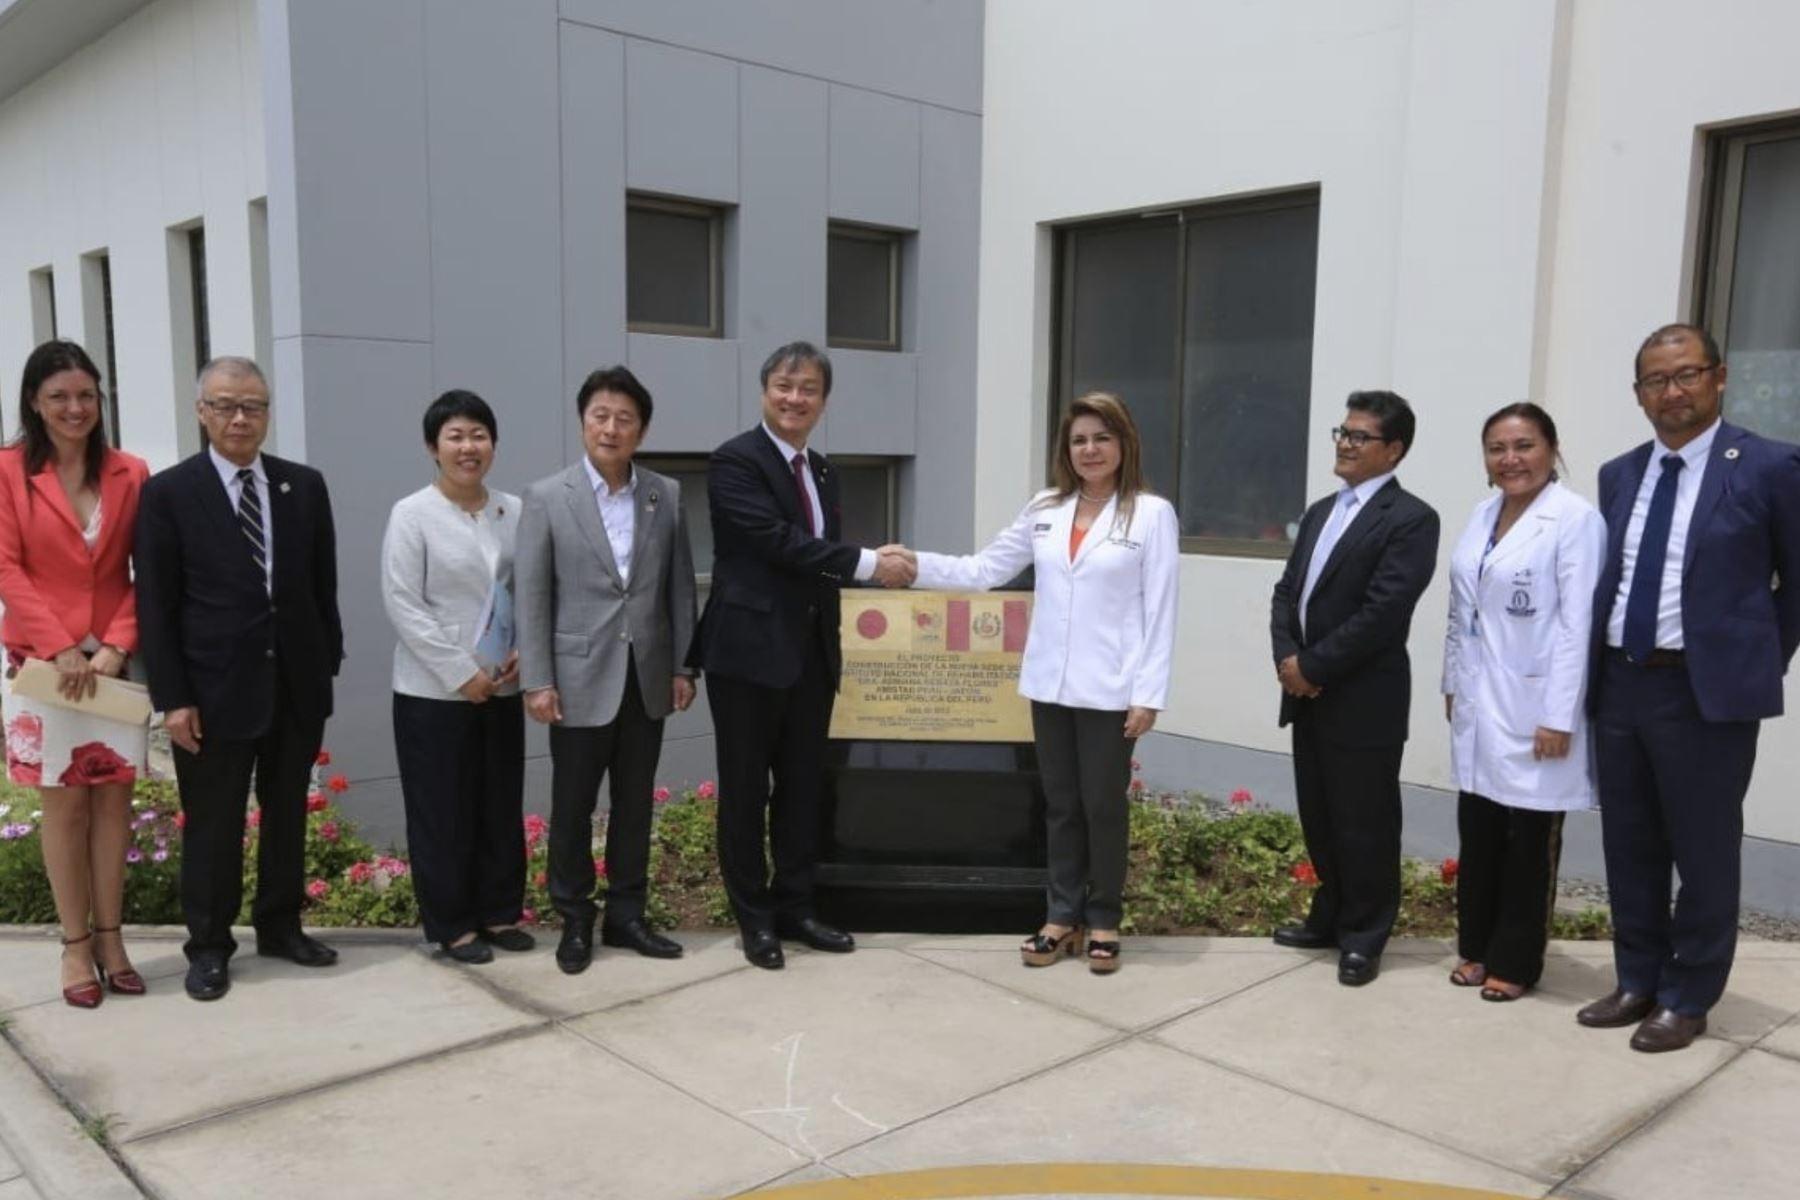 Ministra de Salud, Elizabeth Hinostroza se reúne con el embajador del Japón en Perú, Sadayuki Tsuchiya, y una delegación de senadores del país asiático en las instalaciones del Instituto Nacional de Rehabilitación (INR). Foto: Difusión Ministerio de Salud